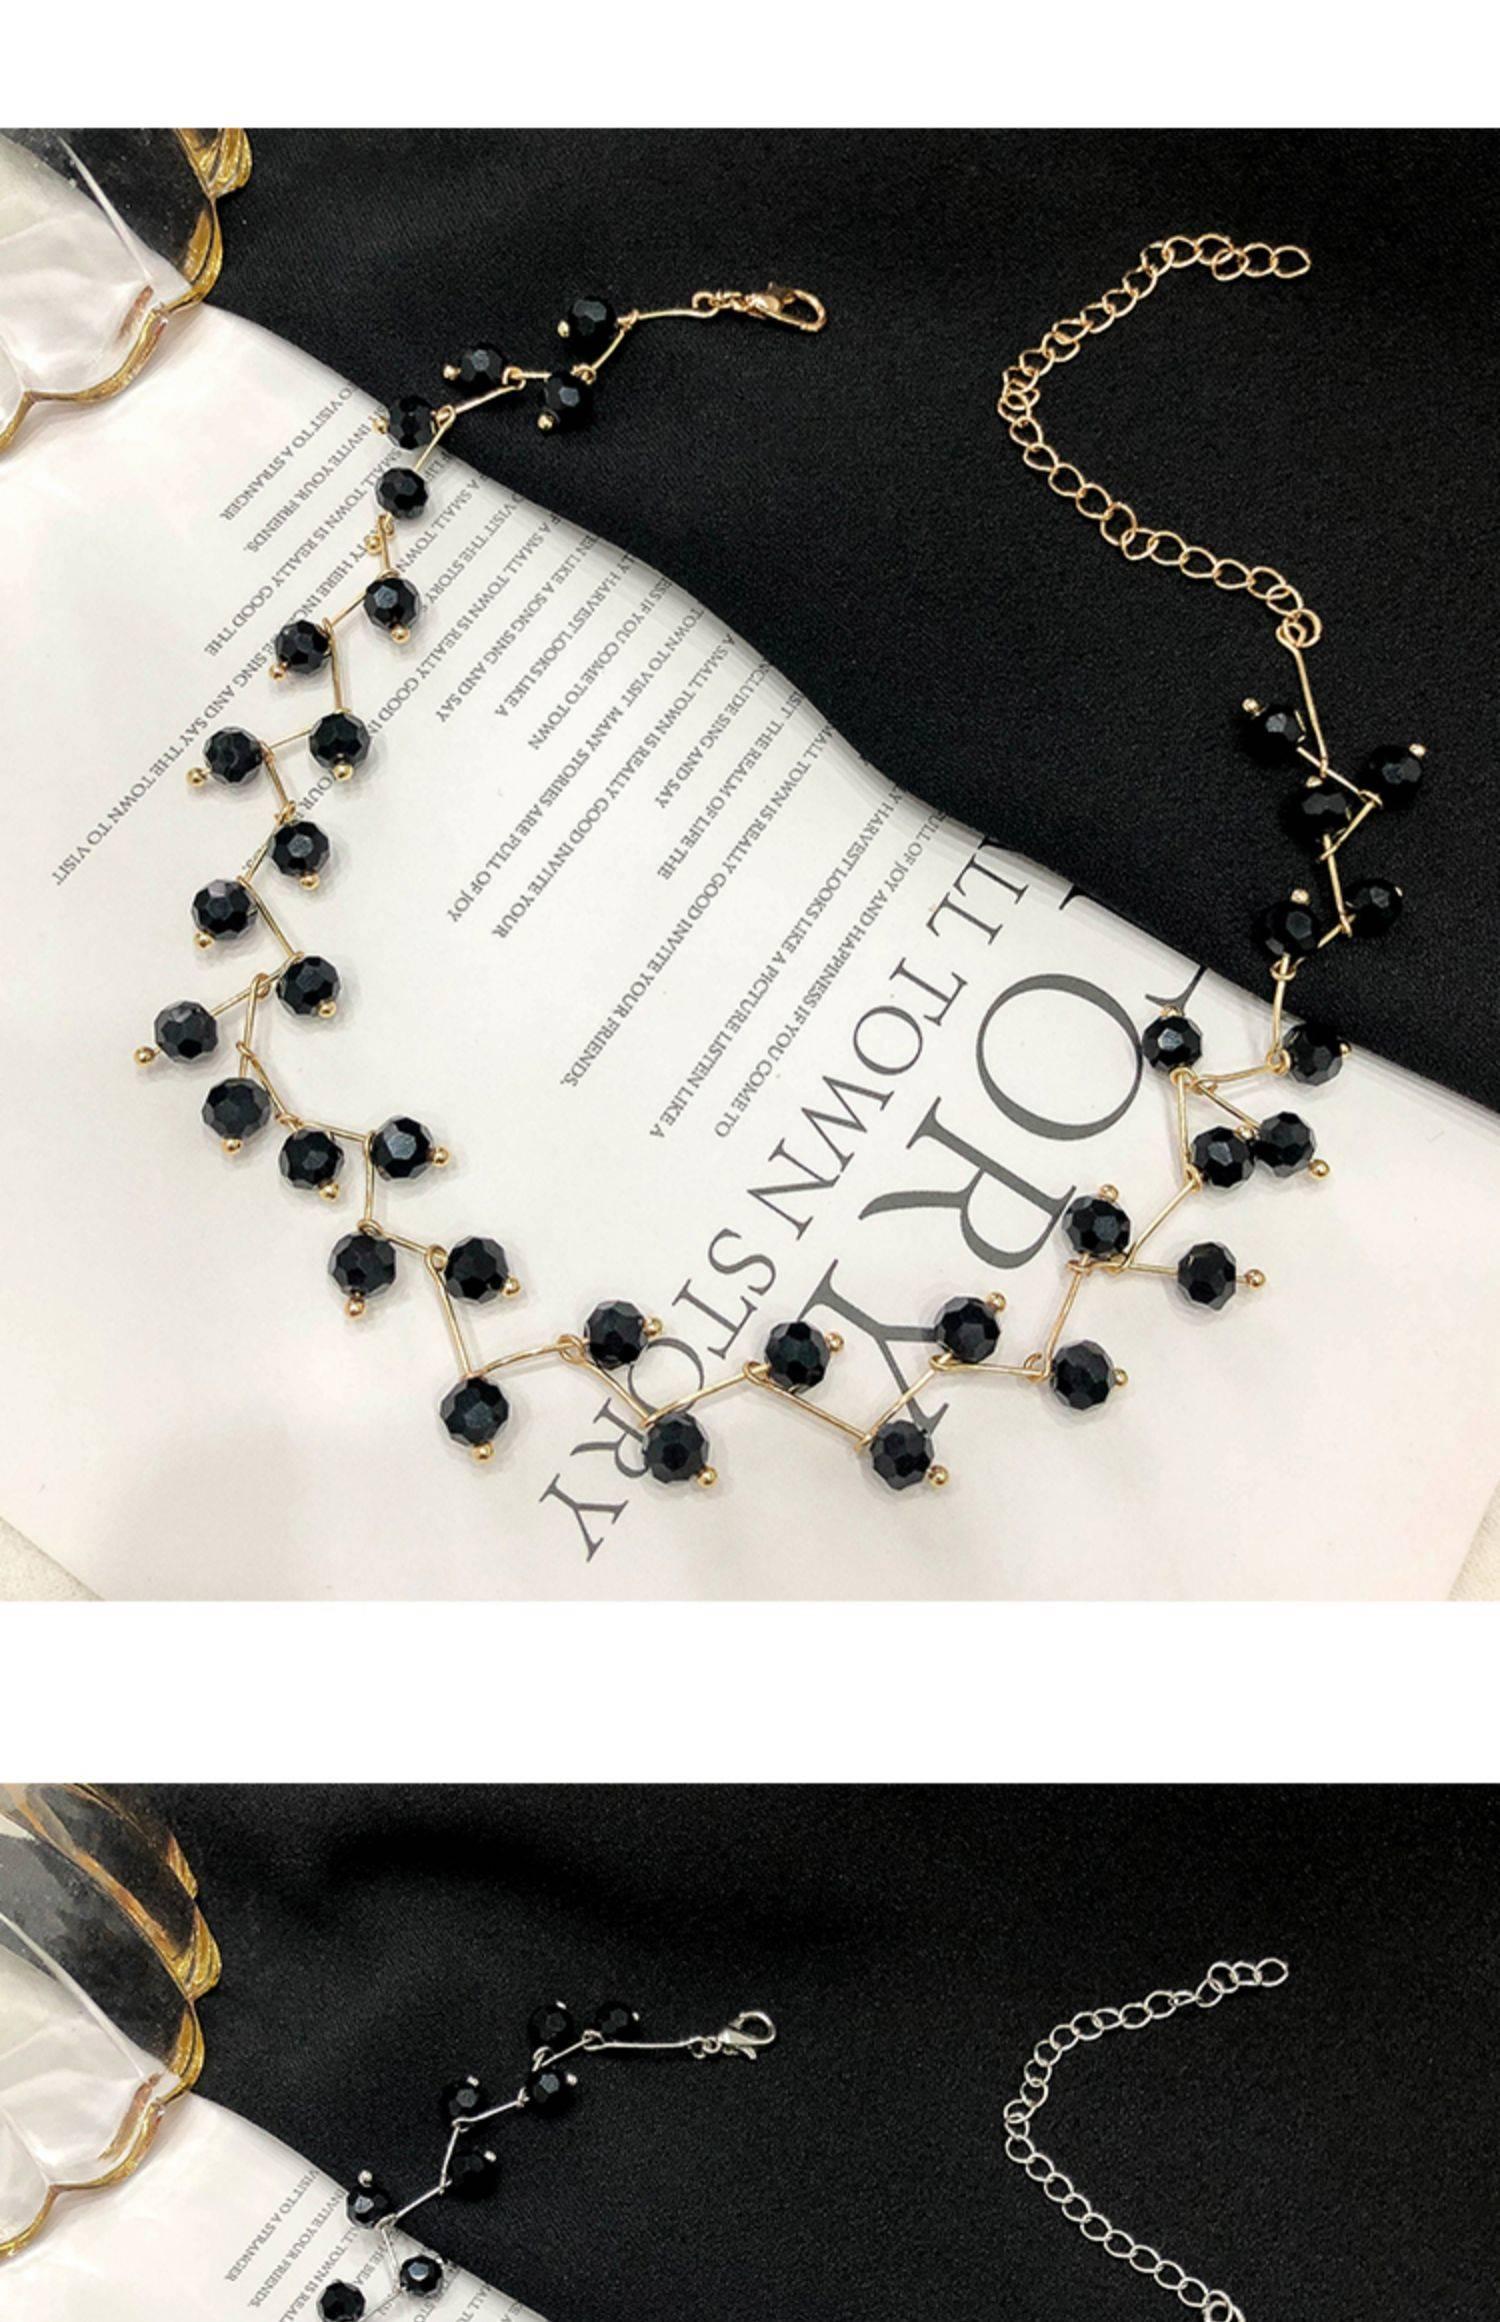 ロリネックレス女性の多くの鎖骨チェーン真珠の個性がシンプルなネックレスです。